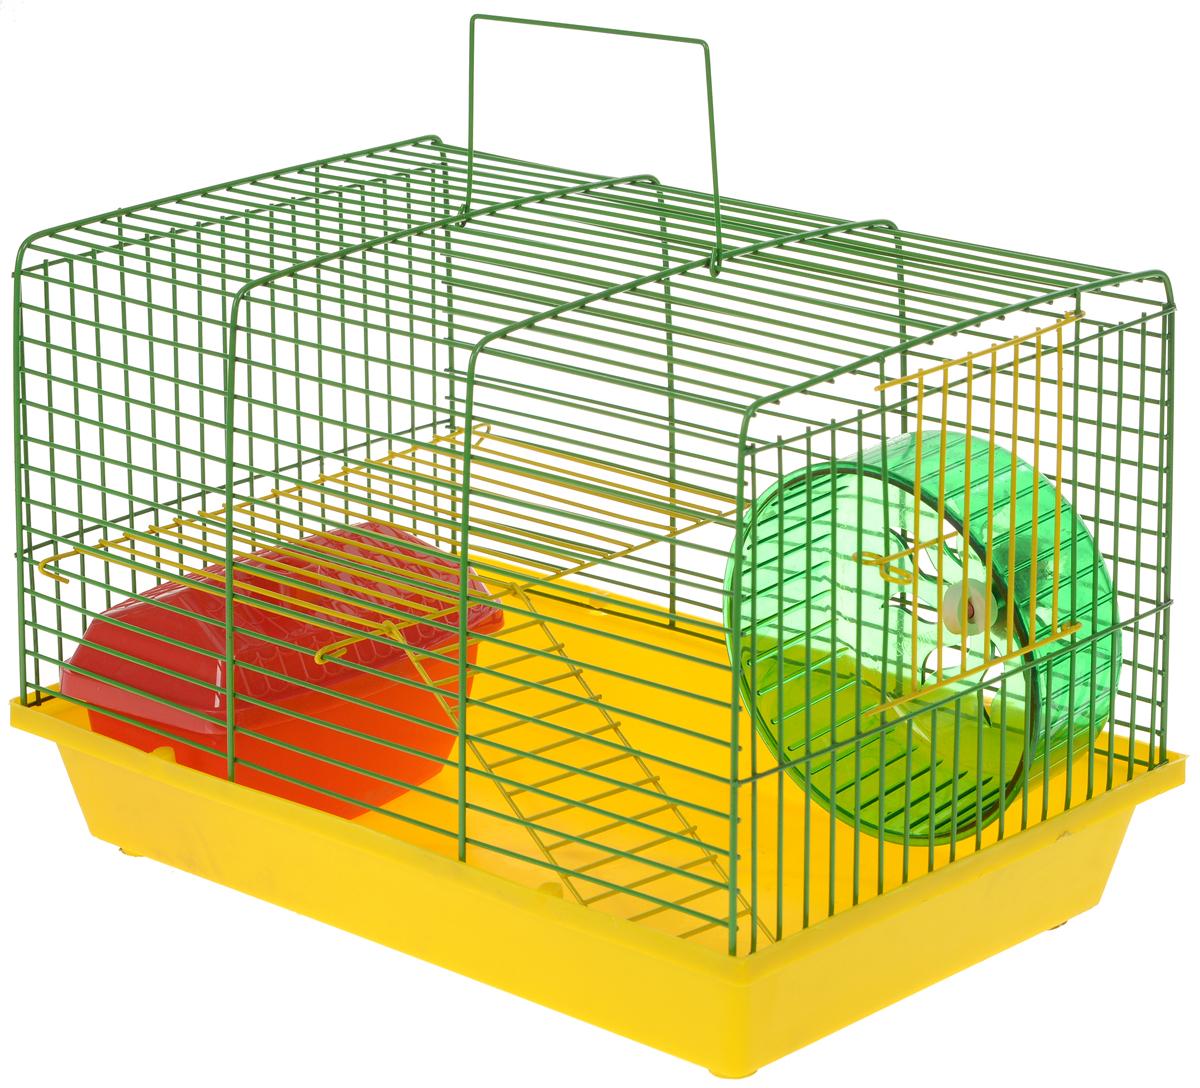 Клетка для грызунов ЗооМарк, 2-этажная, цвет: желтый поддон, зеленая решетка, желтый этаж, 36 х 22 х 24 см125ж_желтый, зеленый, красныйКлетка ЗооМарк, выполненная из полипропилена и металла, подходит для мелких грызунов. Изделие двухэтажное, оборудовано колесом для подвижных игр и пластиковым домиком. Клетка имеет яркий поддон, удобна в использовании и легко чистится. Сверху имеется ручка для переноски. Такая клетка станет личным пространством и уютным домиком для маленького грызуна.Комплектация: - клетка с поддоном;- домик;- колесо.